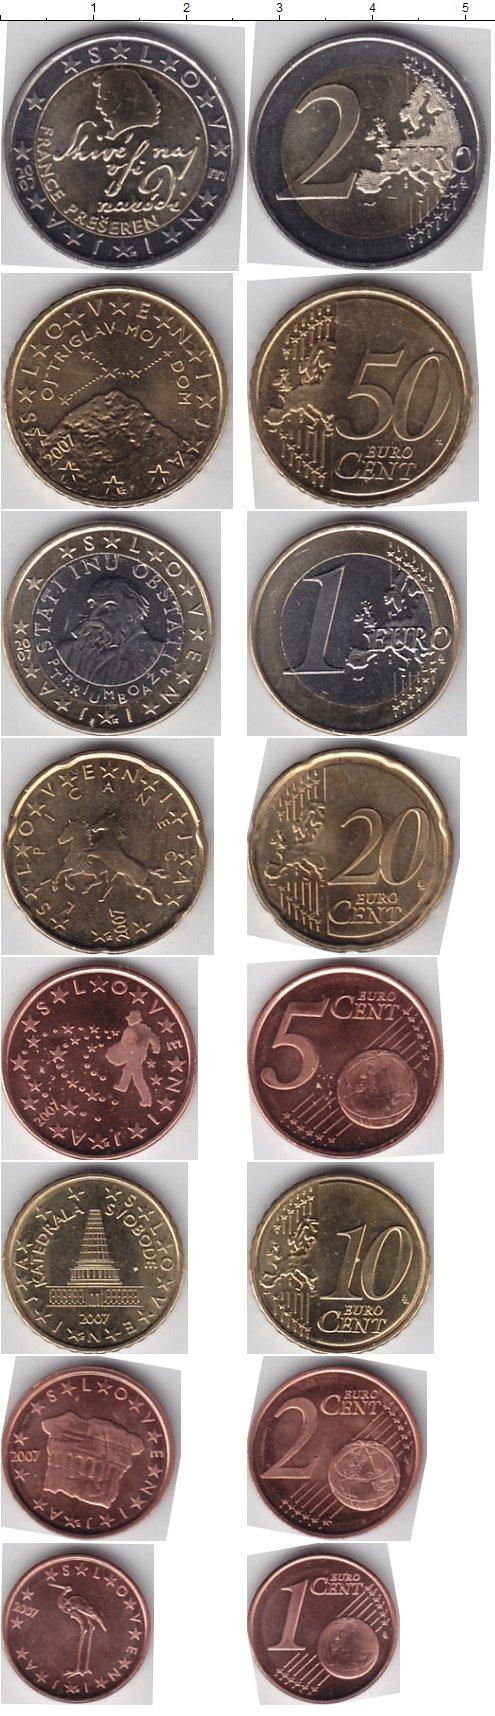 Набор монет Словения Словения 2007 UNC- фото 2